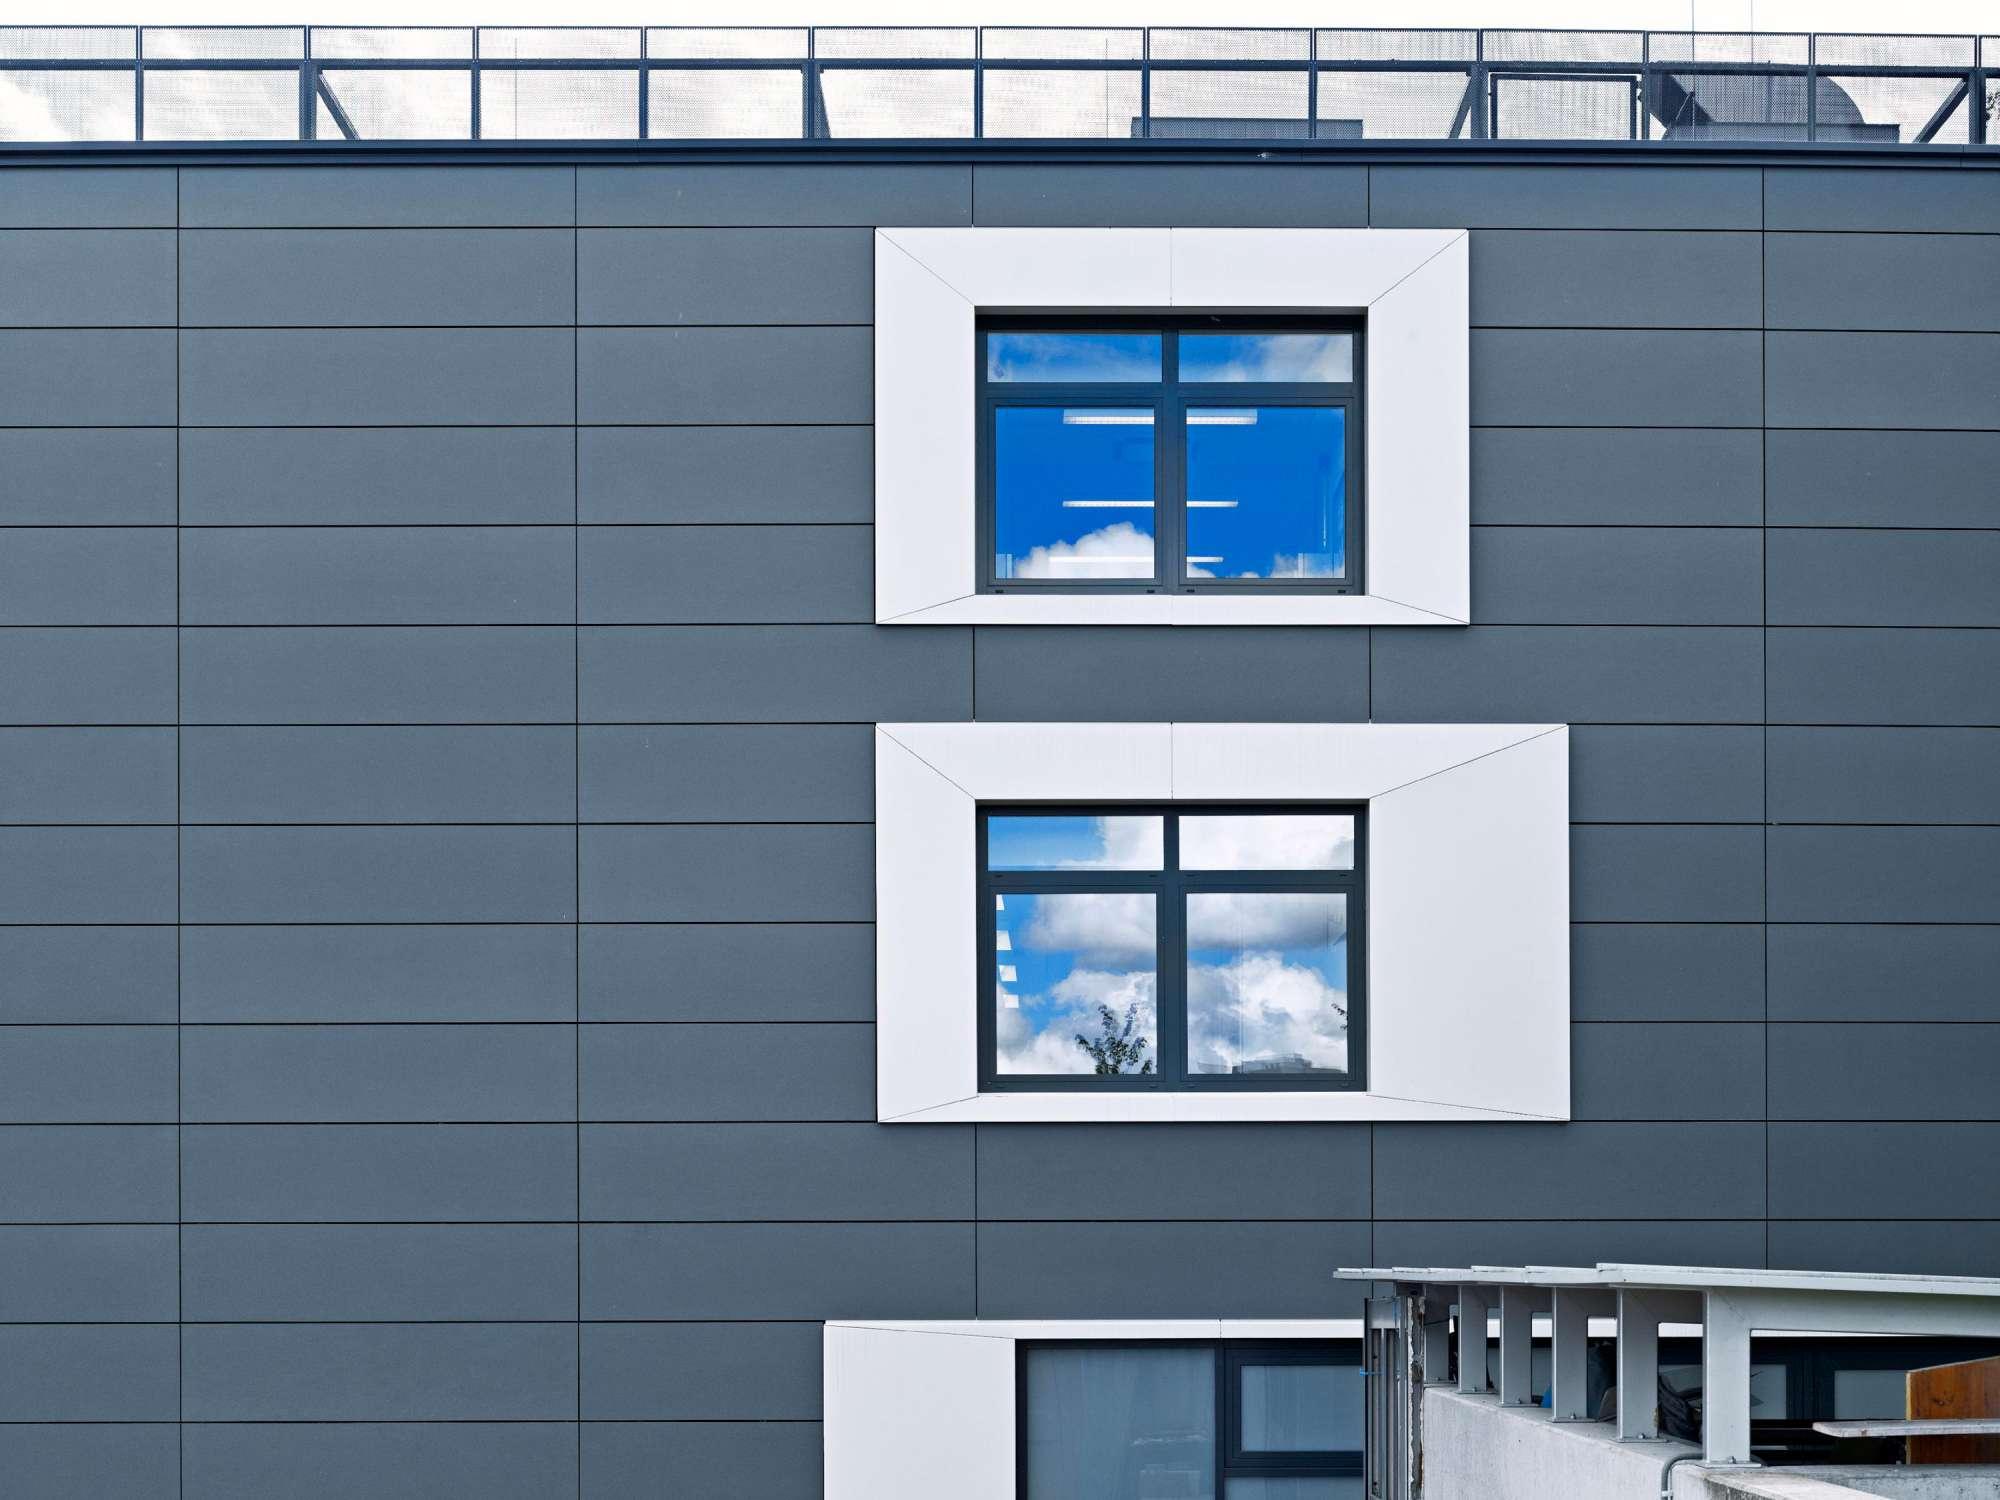 Energetische Sanierung Friedrich-Miescher-Laboratorium (4)